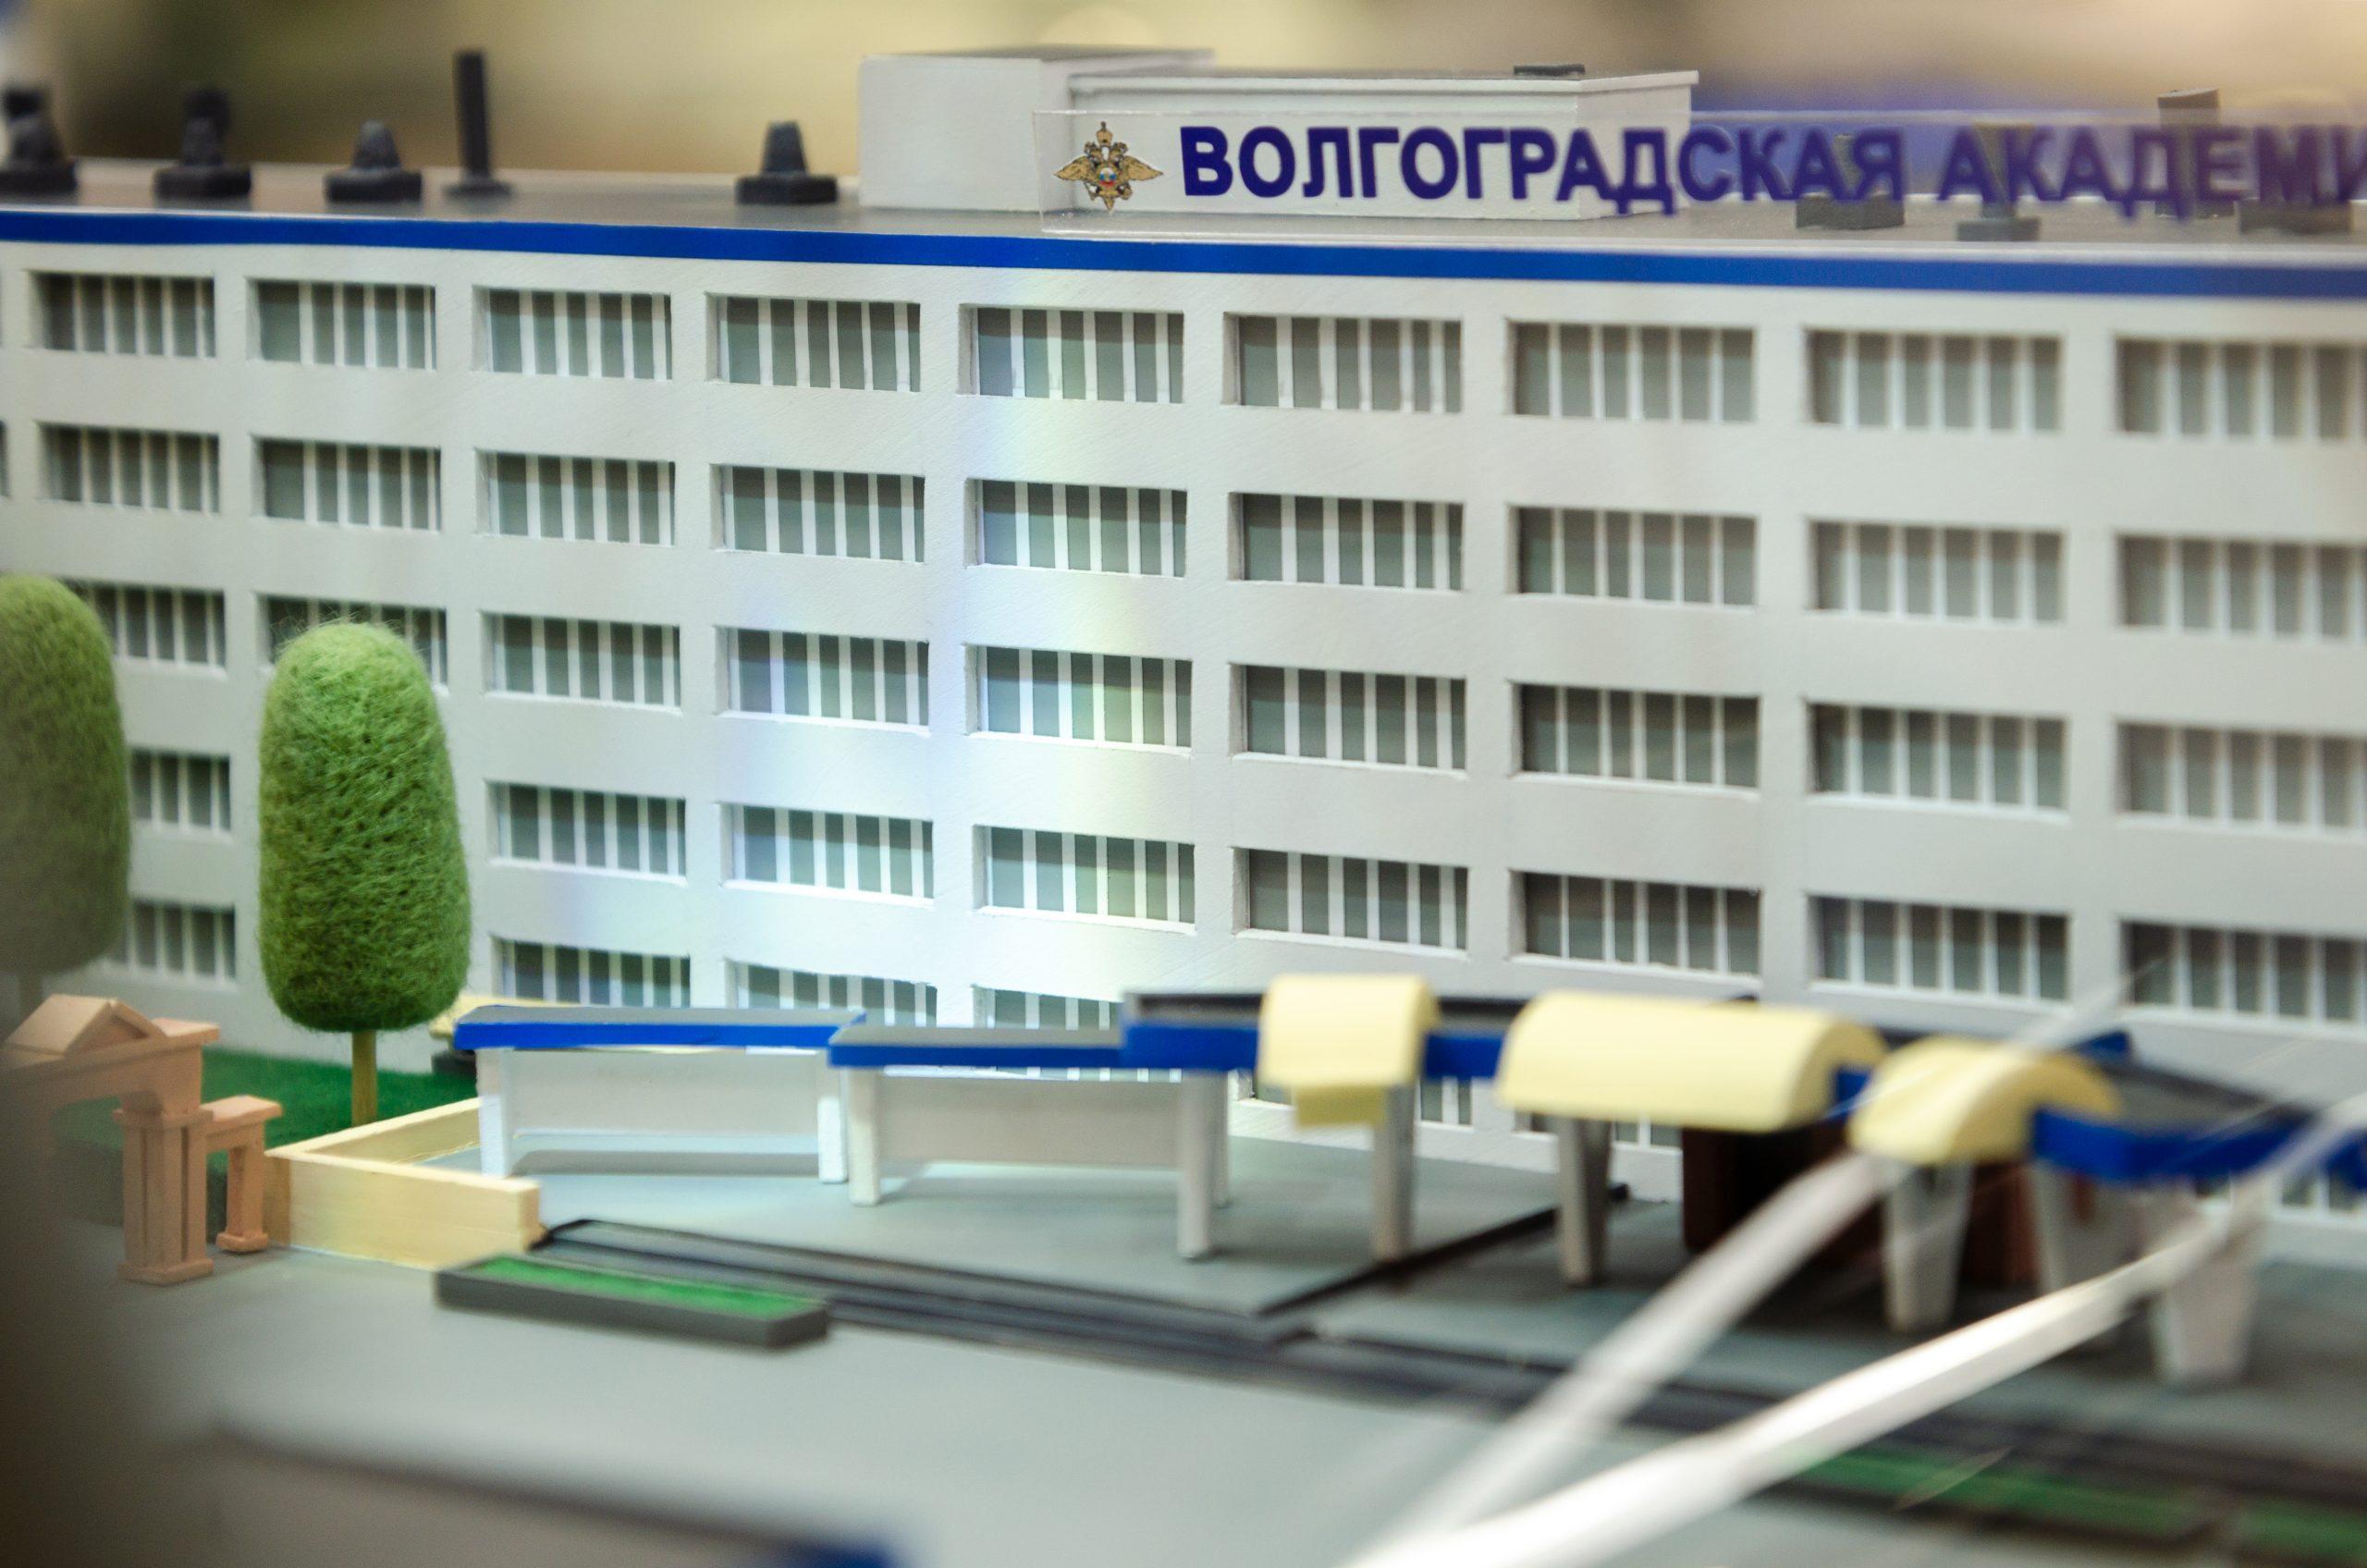 Разработка виртуального музея ВА МВД РФ